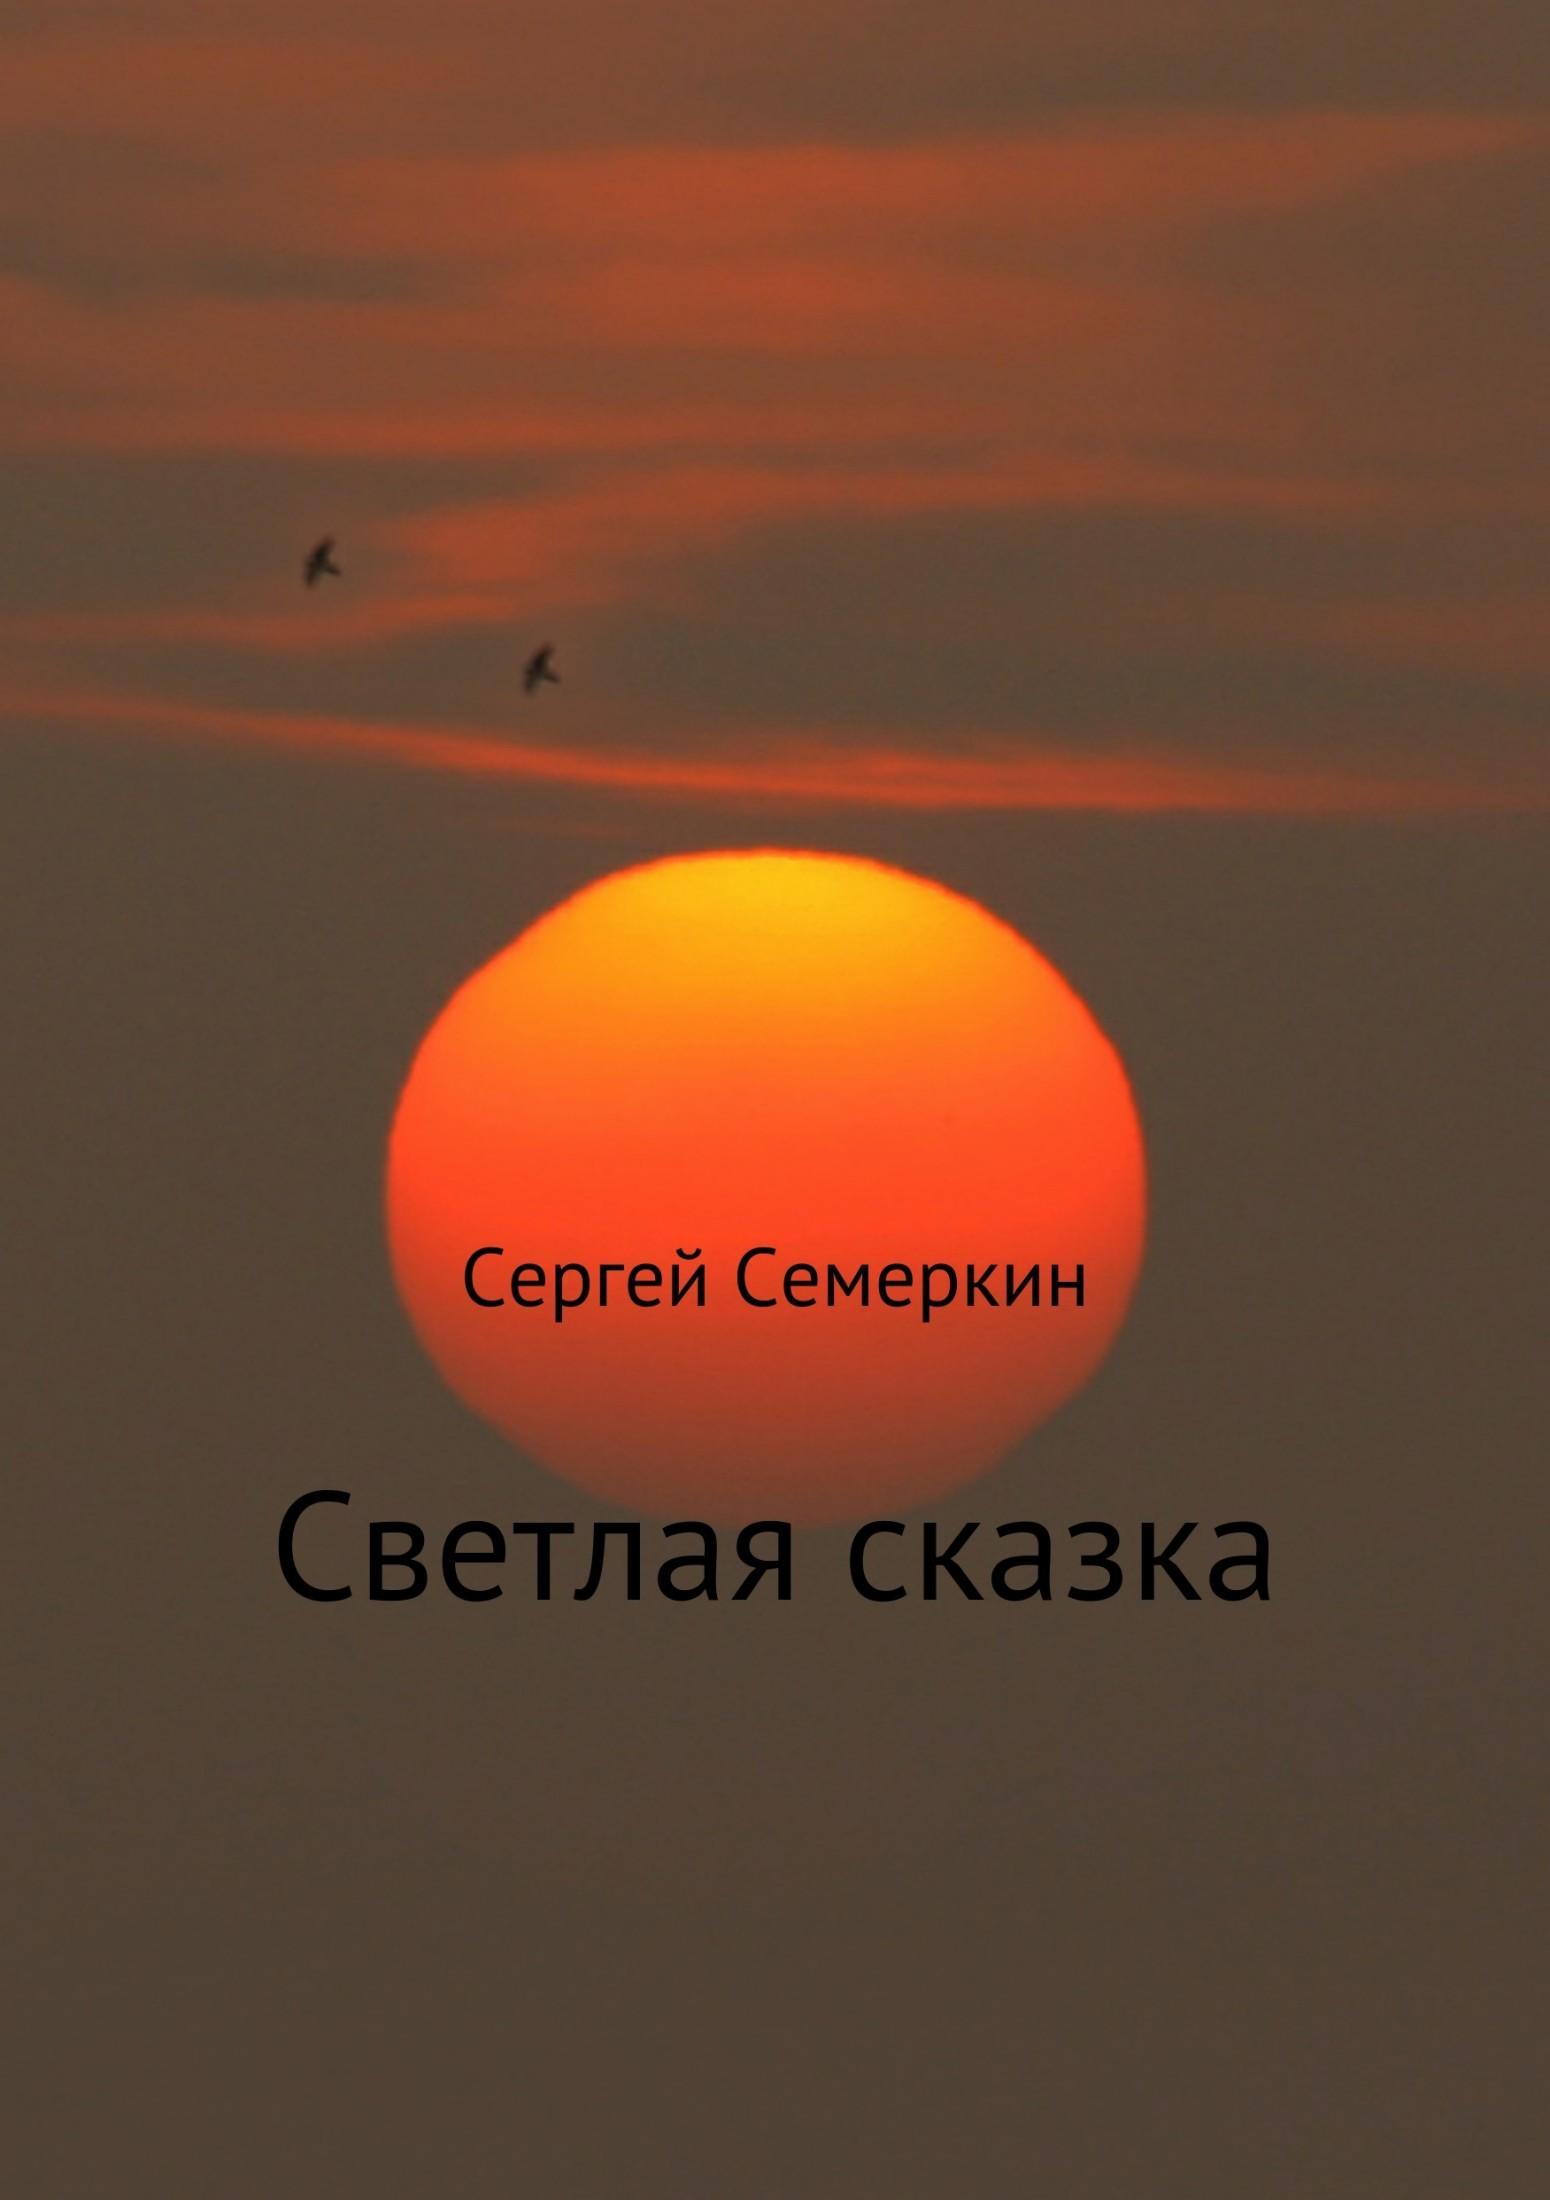 Сергей Владимирович Семеркин Светлая сказка сергей владимирович семеркин алло пожарная